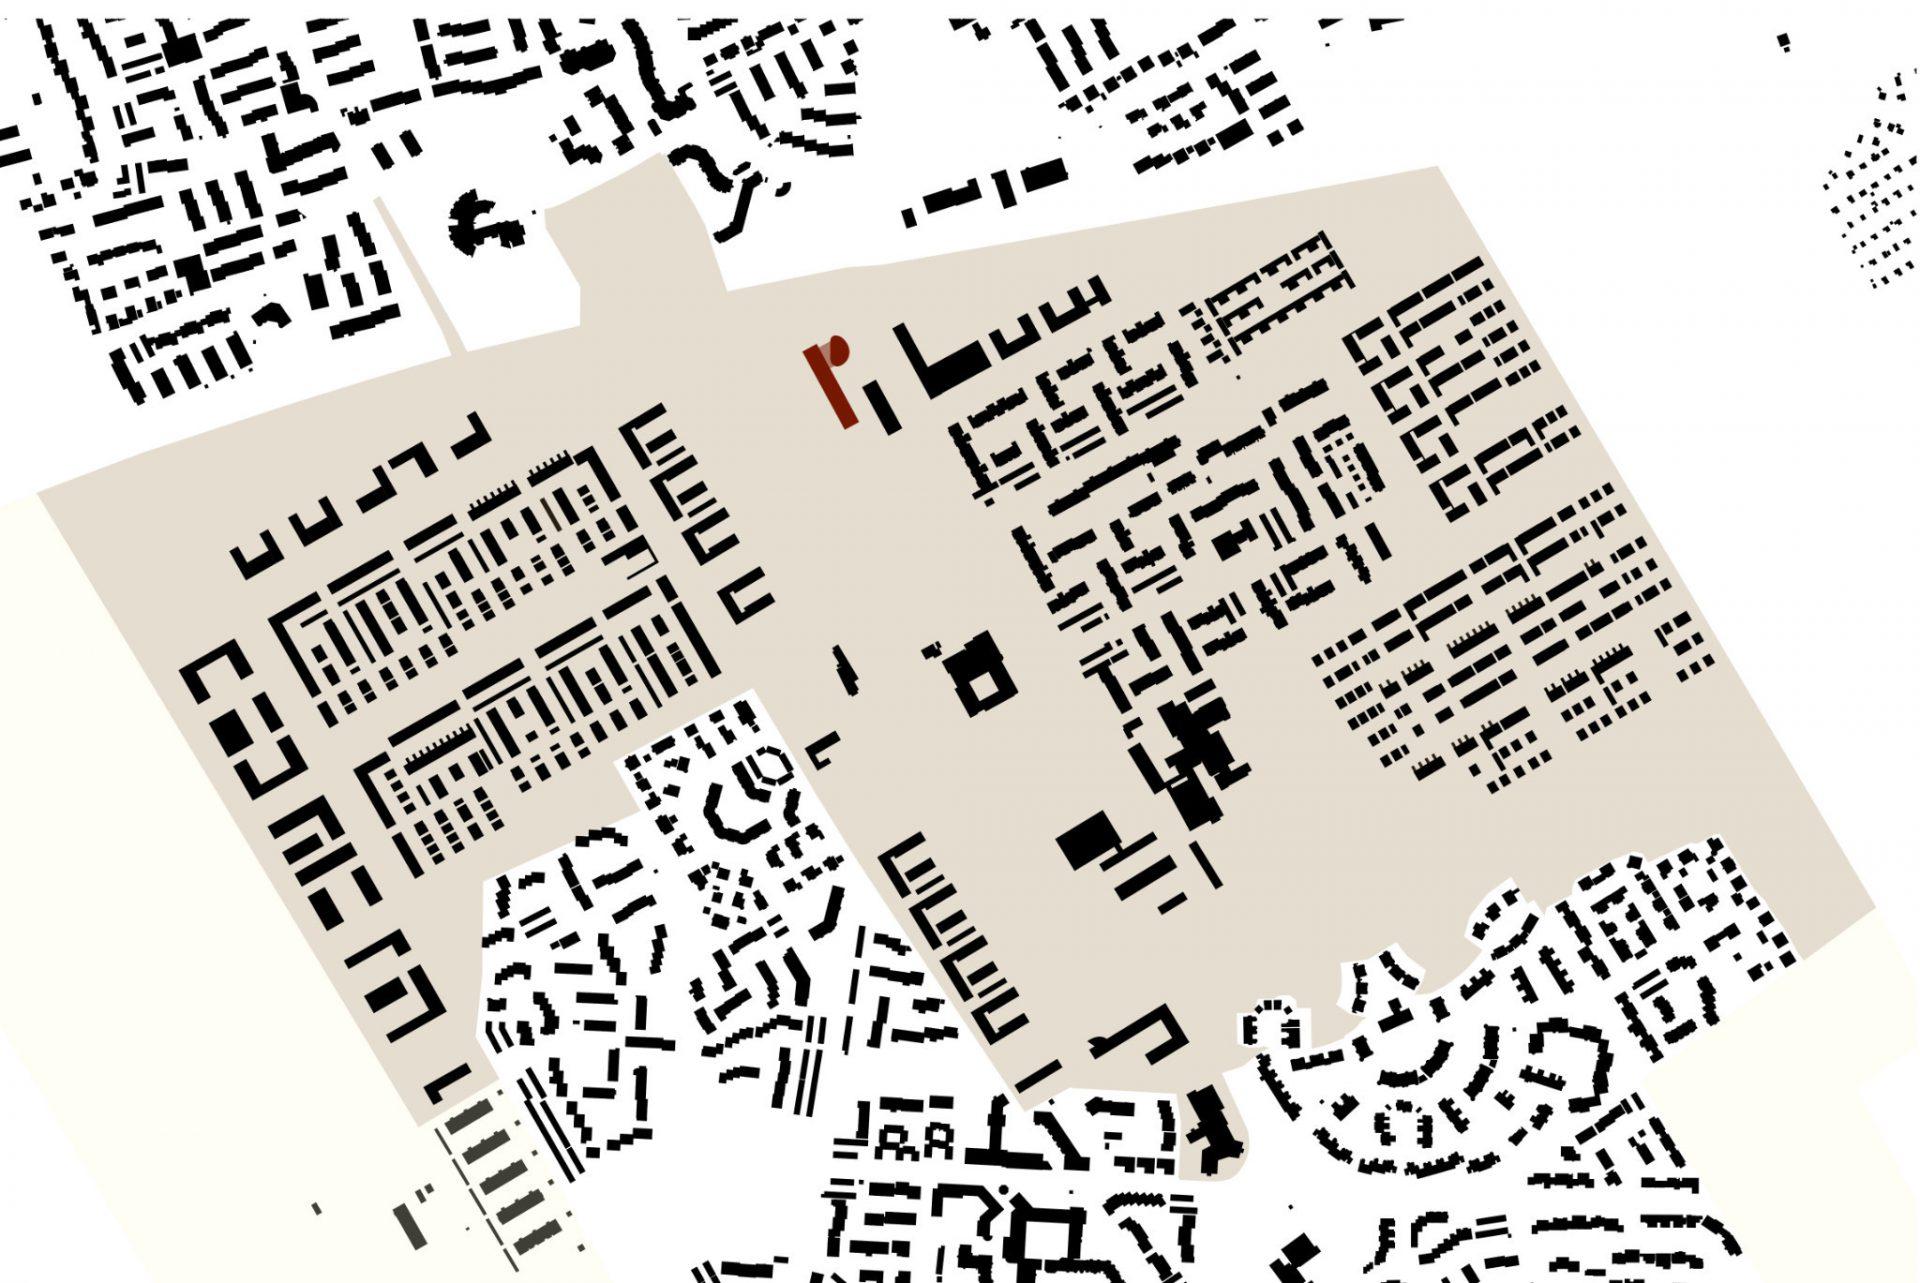 Realisierungs-<br></noscript>wettbewerb Ortserweiterung Kirchheim